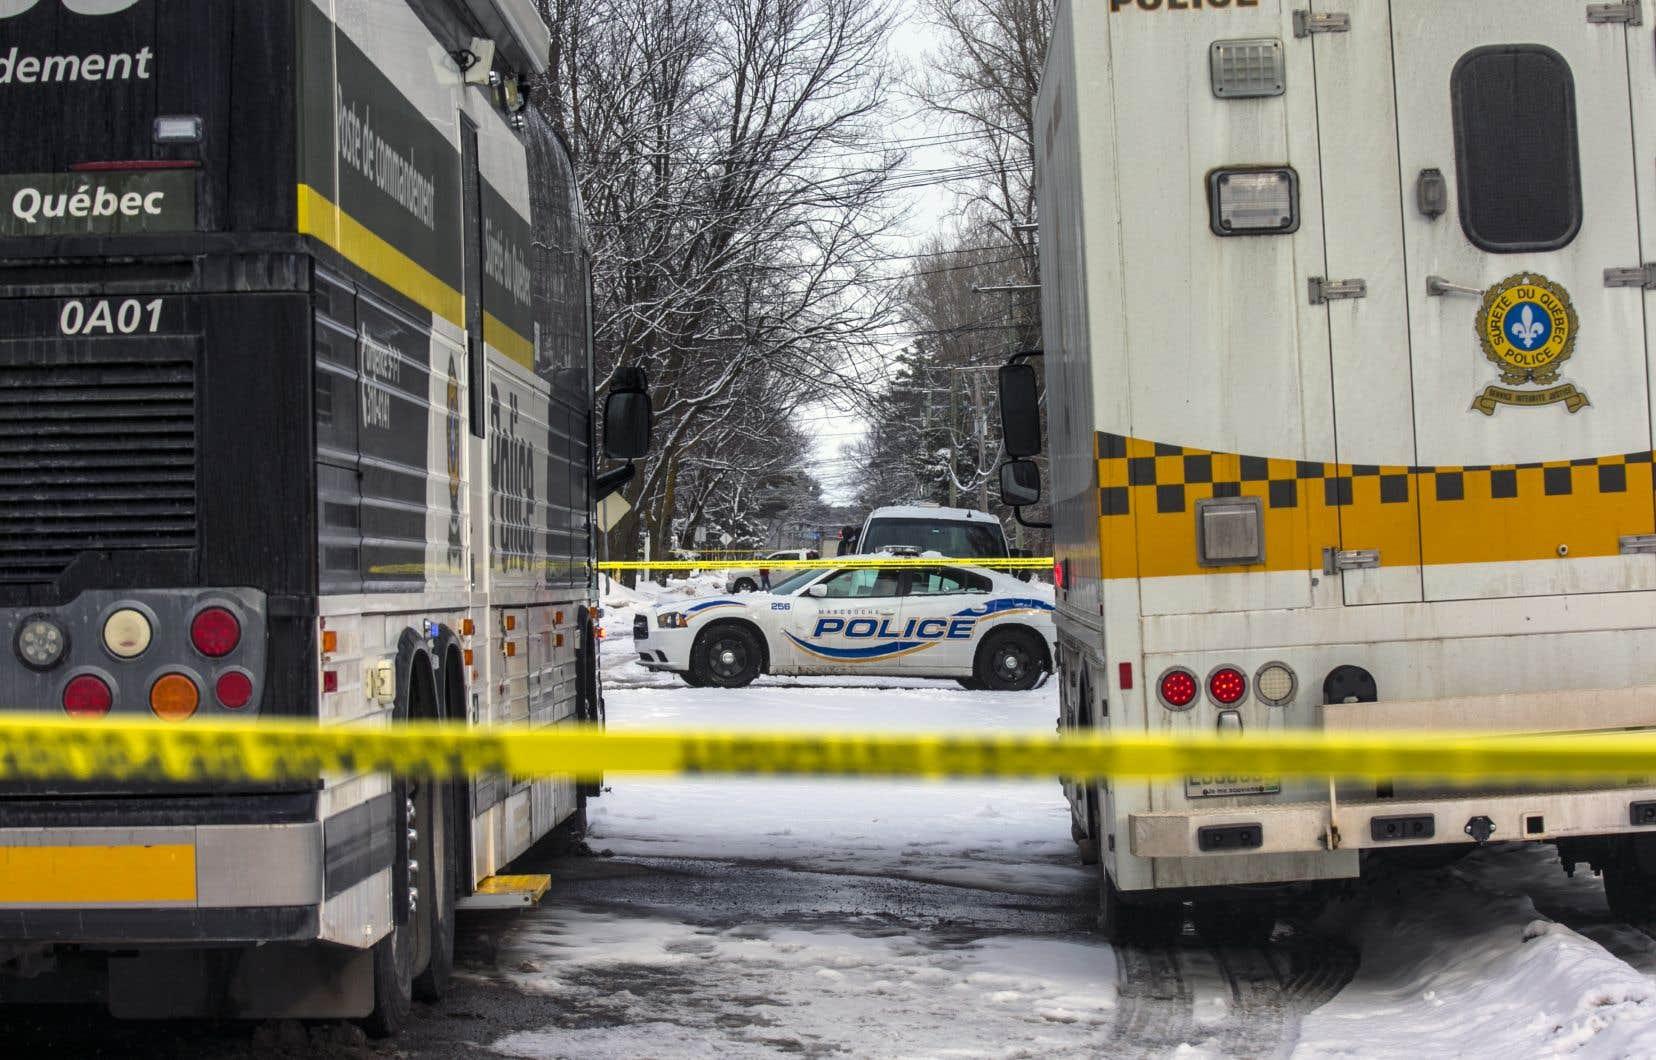 Benoit Cardinal est accusé du meurtre prémédité de sa conjointe Jaël Cantin, mère de ses six enfants. La femme de 33ans a été retrouvée sans vie dans leur résidence familiale de Mascouche le 16janvier 2020.